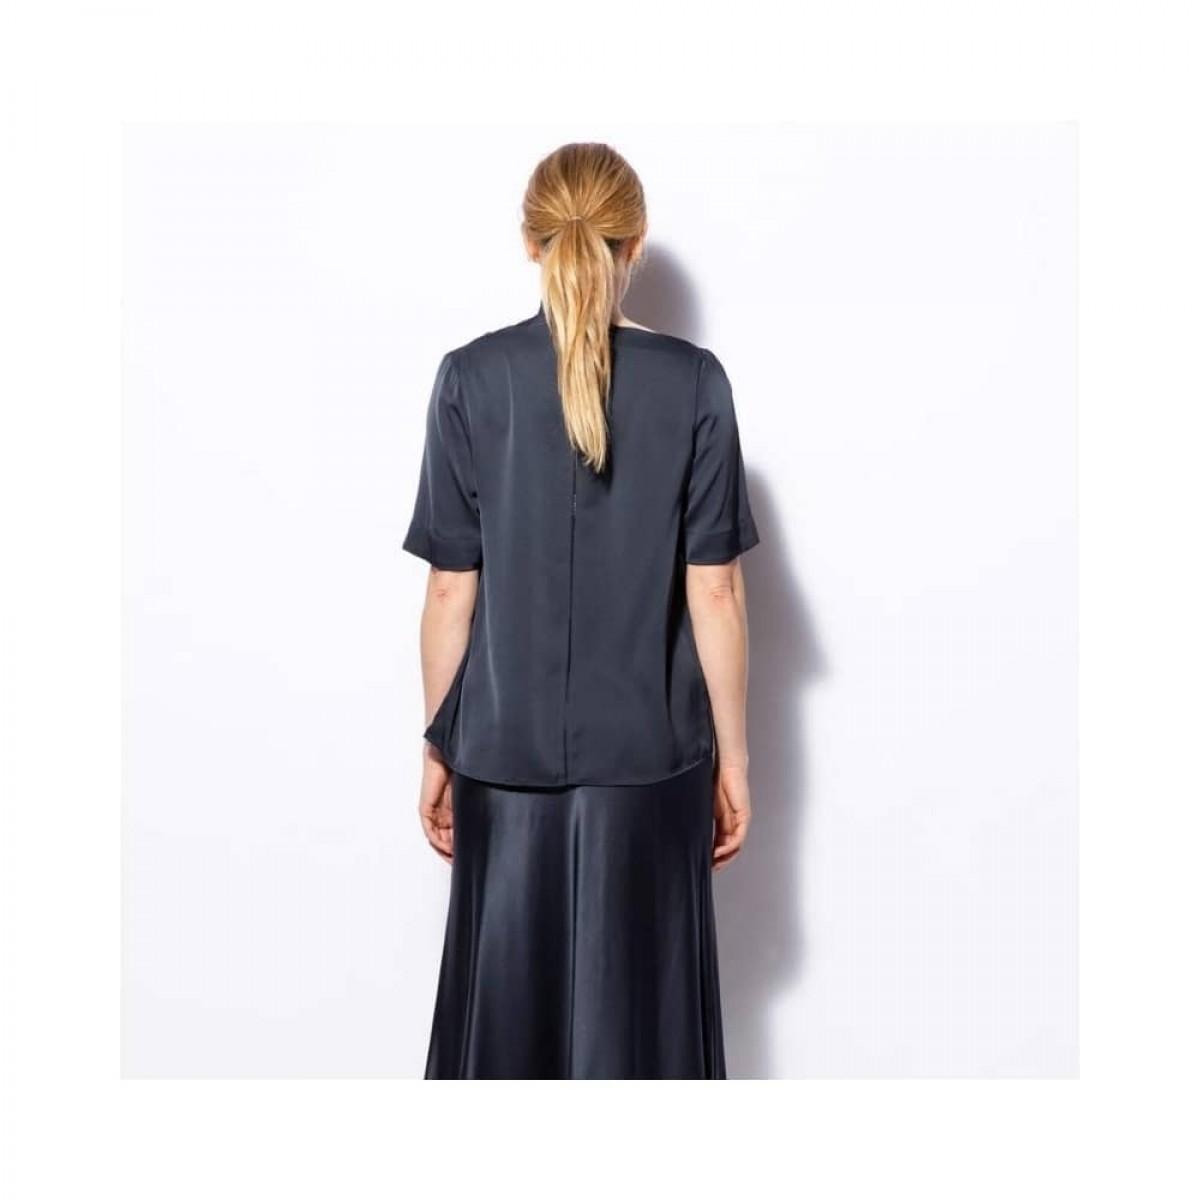 lima tee - blue grey - model ryggen